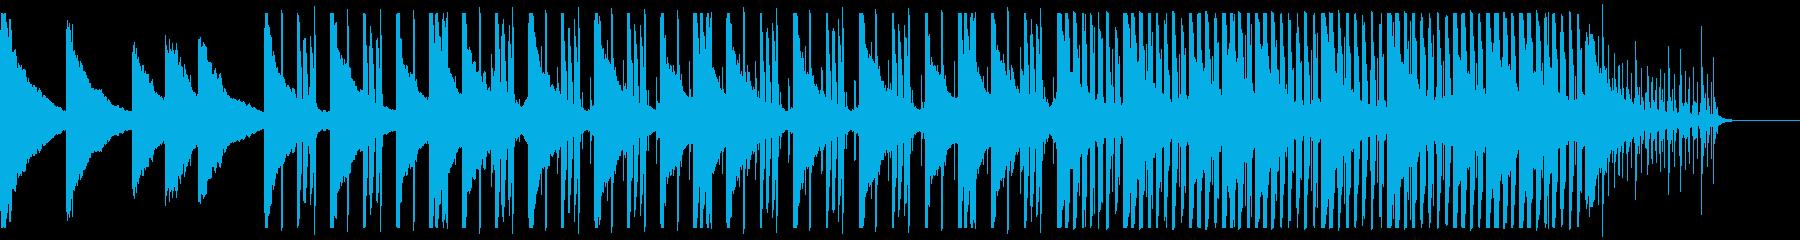 企業VP用BGM クール、洗練の再生済みの波形